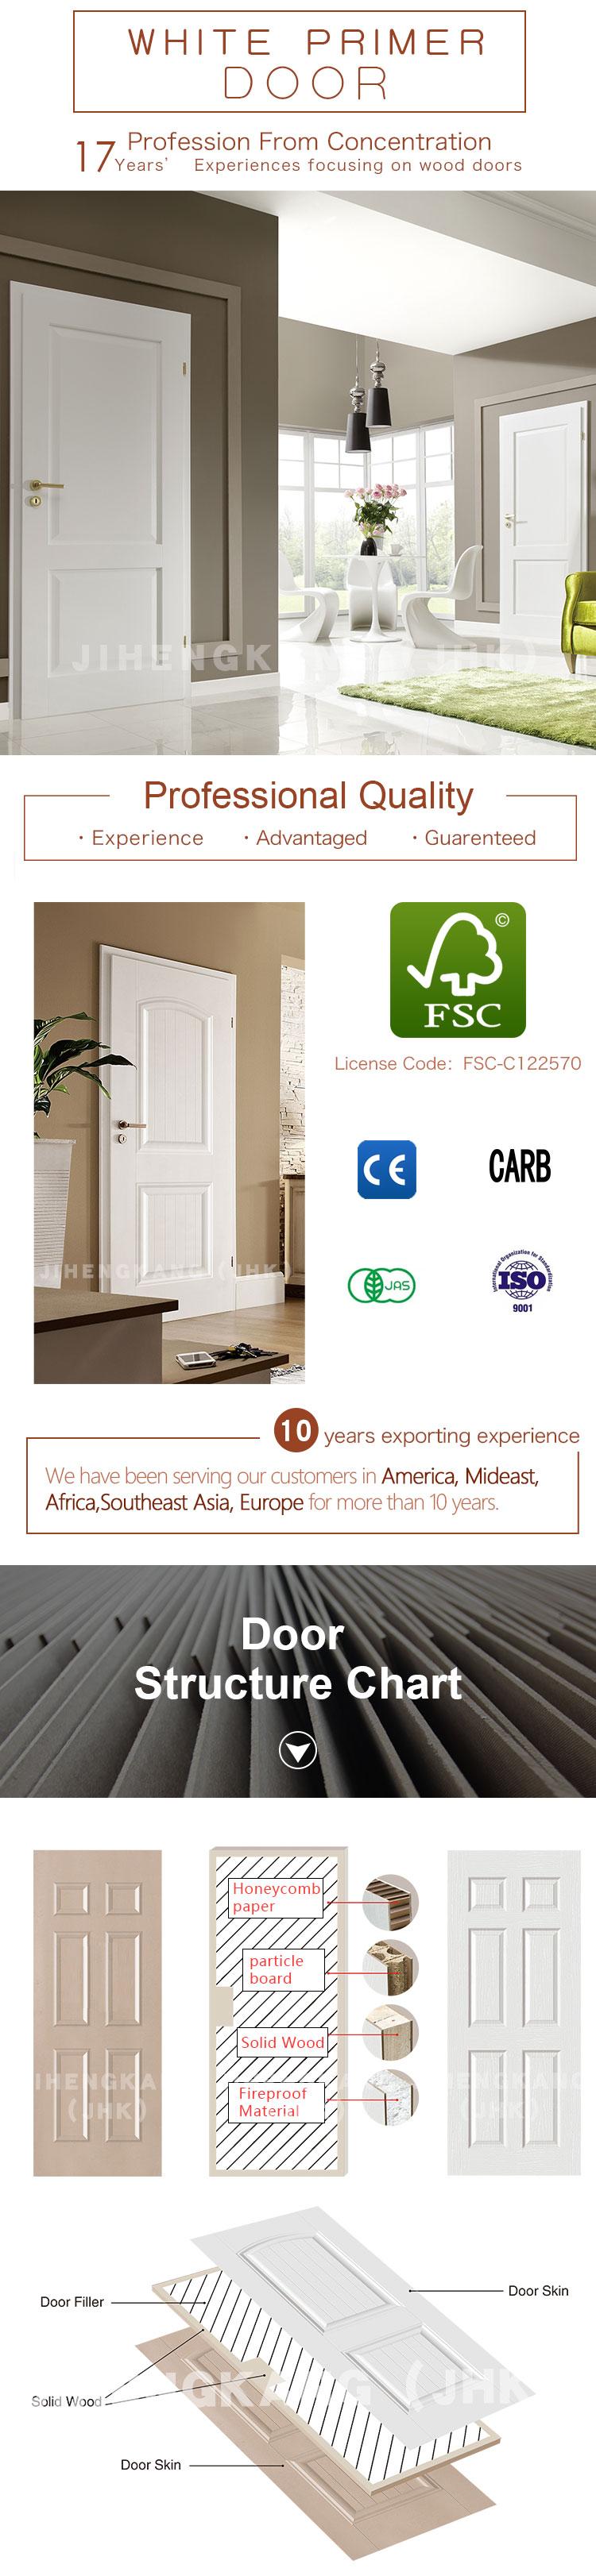 JHK-006 6 Panel Doors Menards Home Depot Best Buy Door China ...